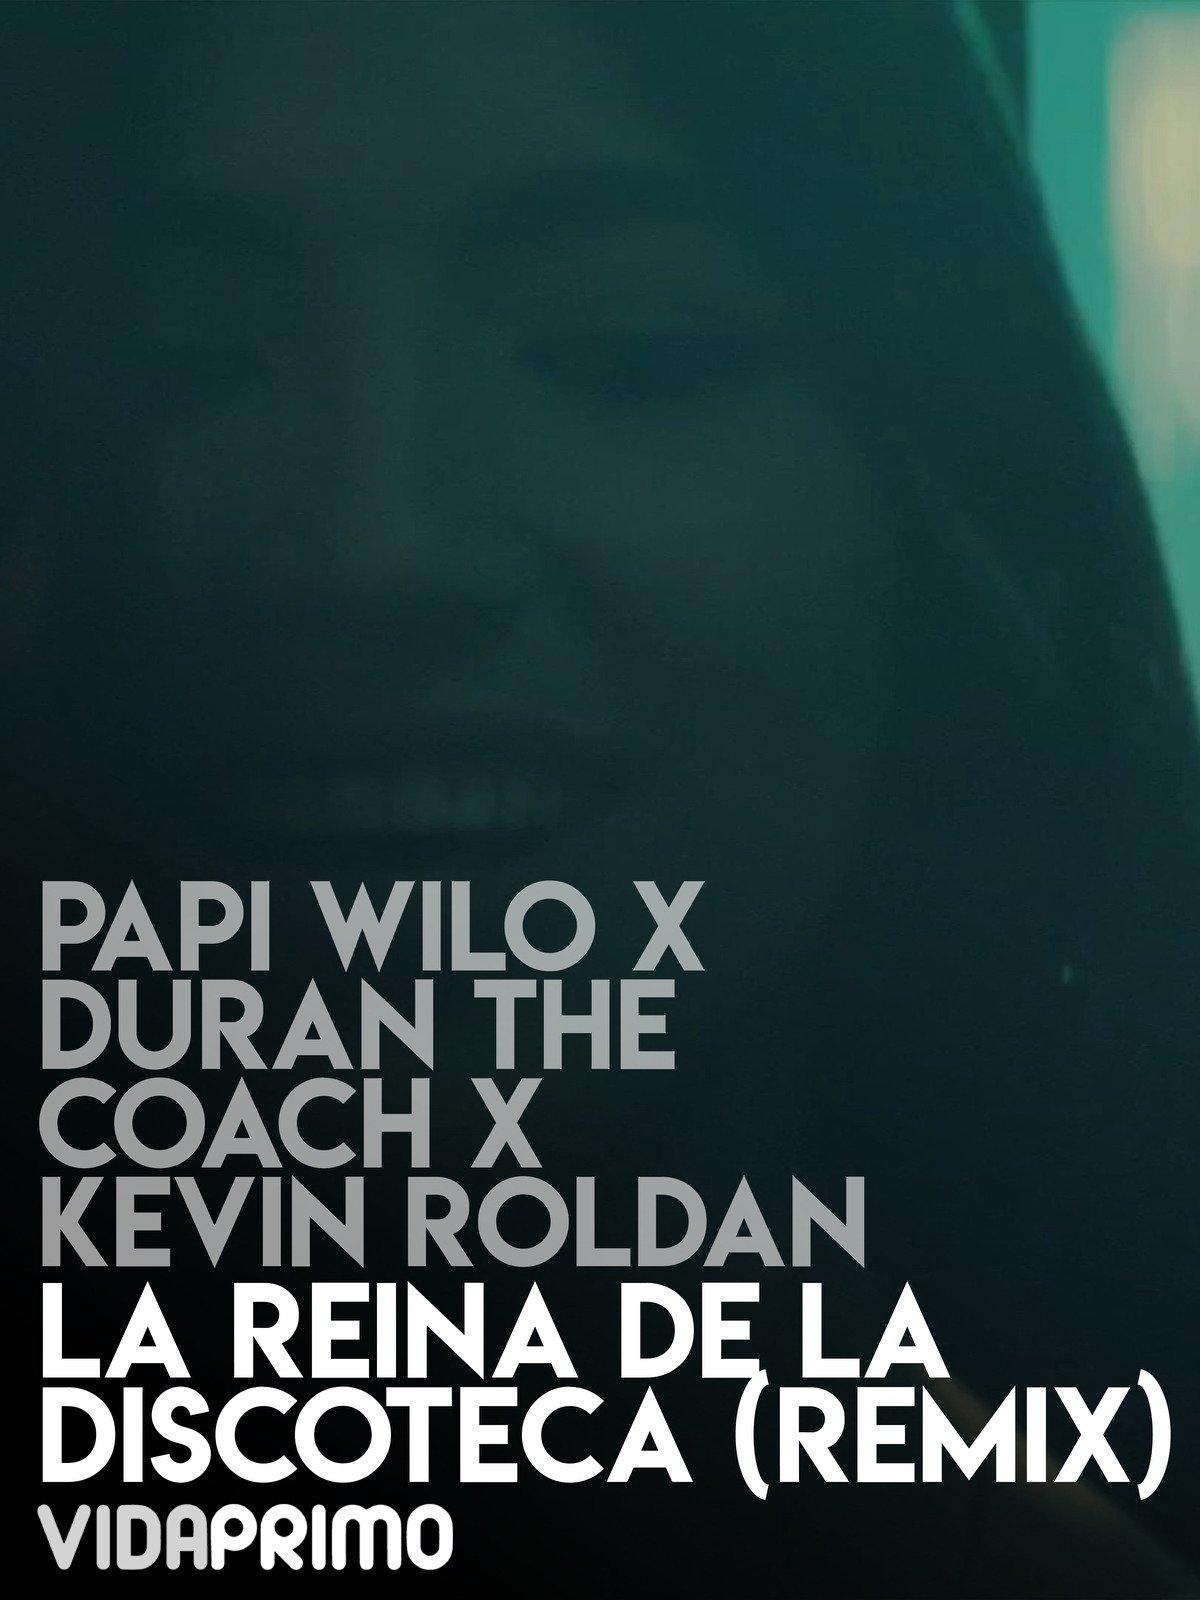 Papi Wilo x Duran The Coach x Kevin Roldan